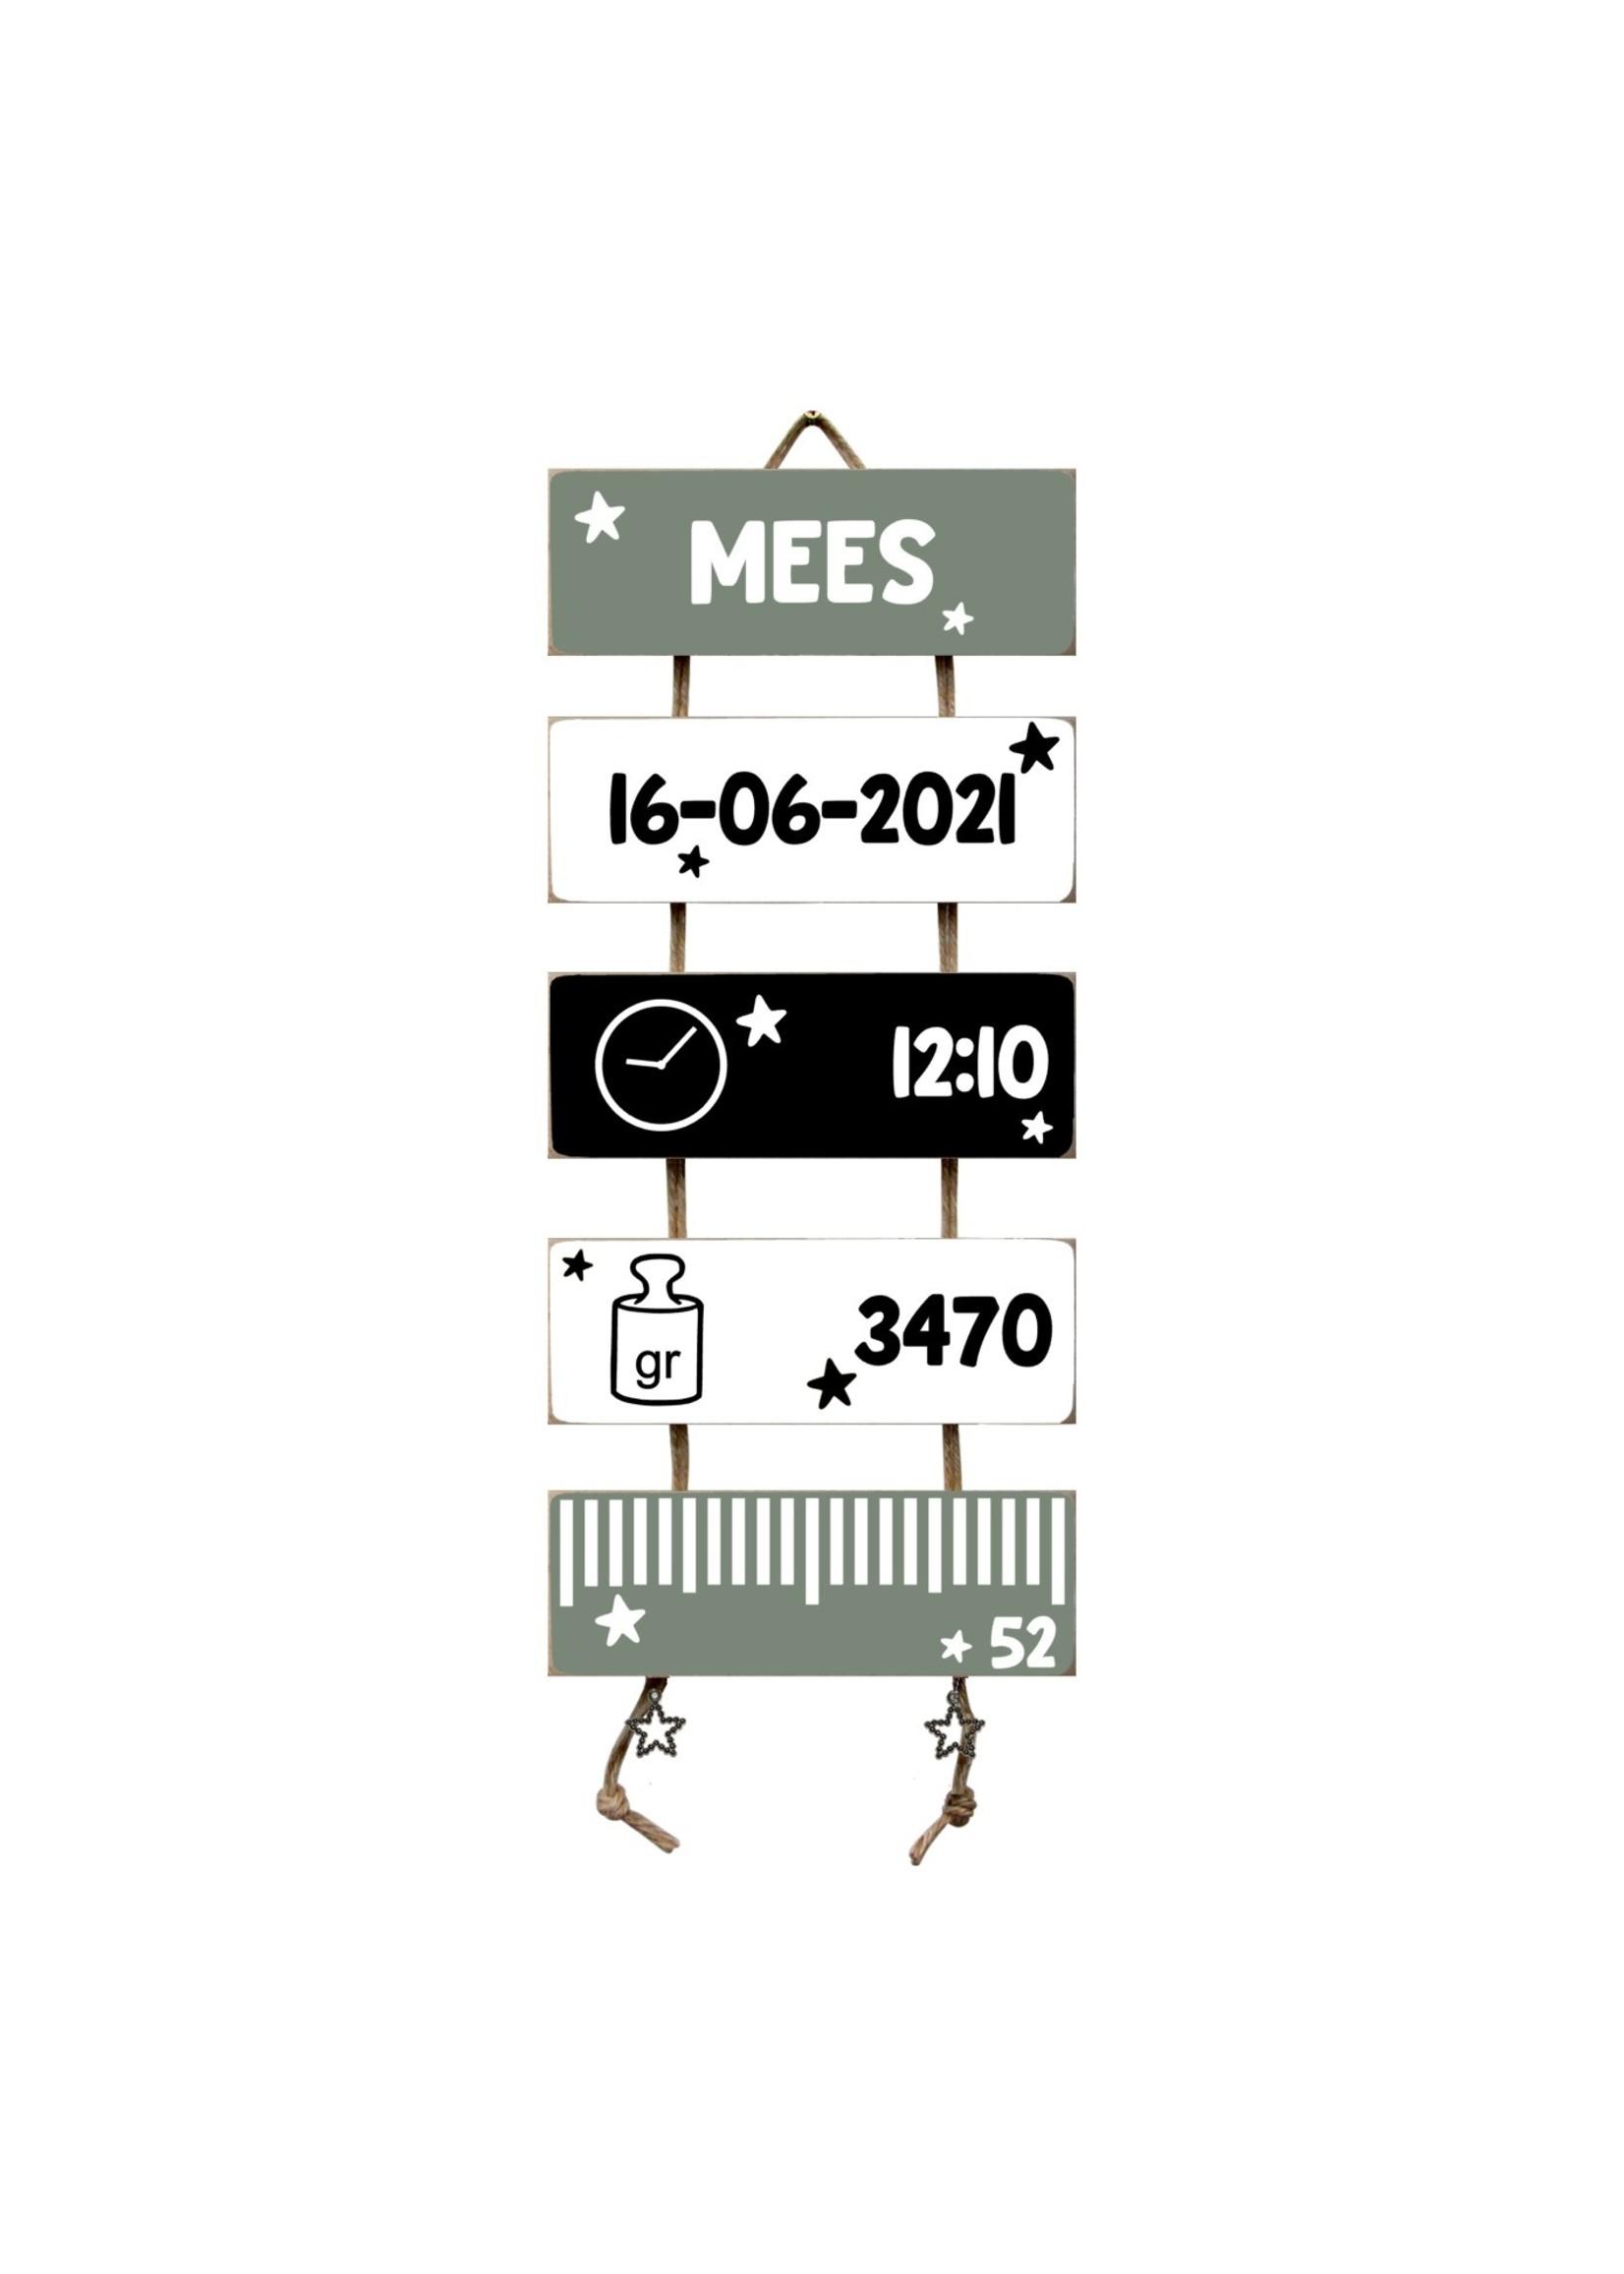 Kraamcadeau Geboorteladder  Mees Zwart/Wit/Leemgroen